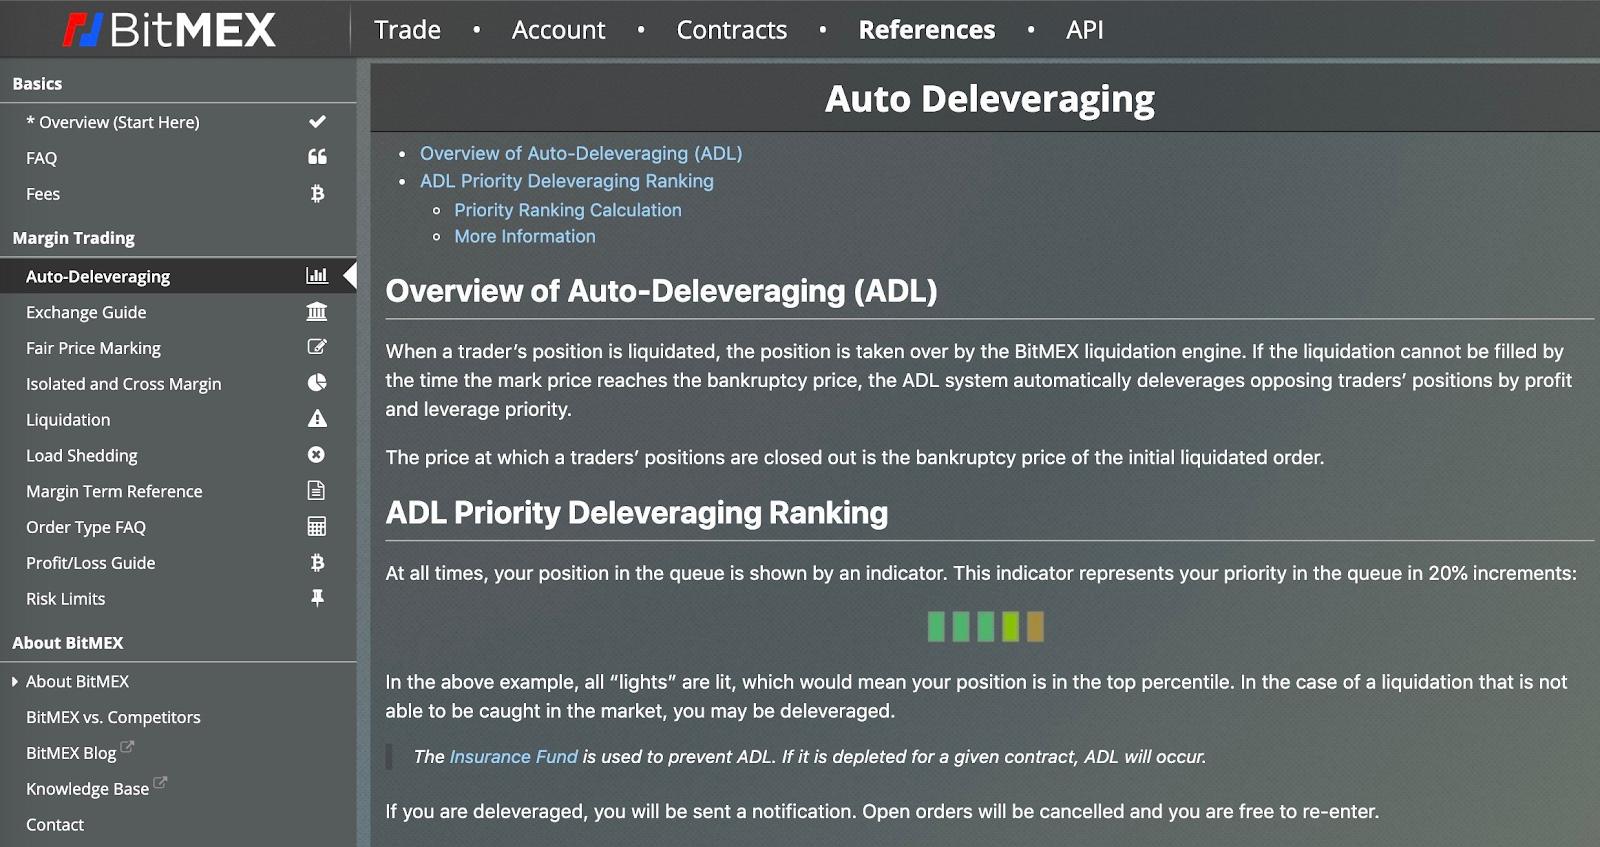 """Imágenes  """"Descripción general del desapalancamiento automático (ADL)"""" de Binance y de BitMEX."""